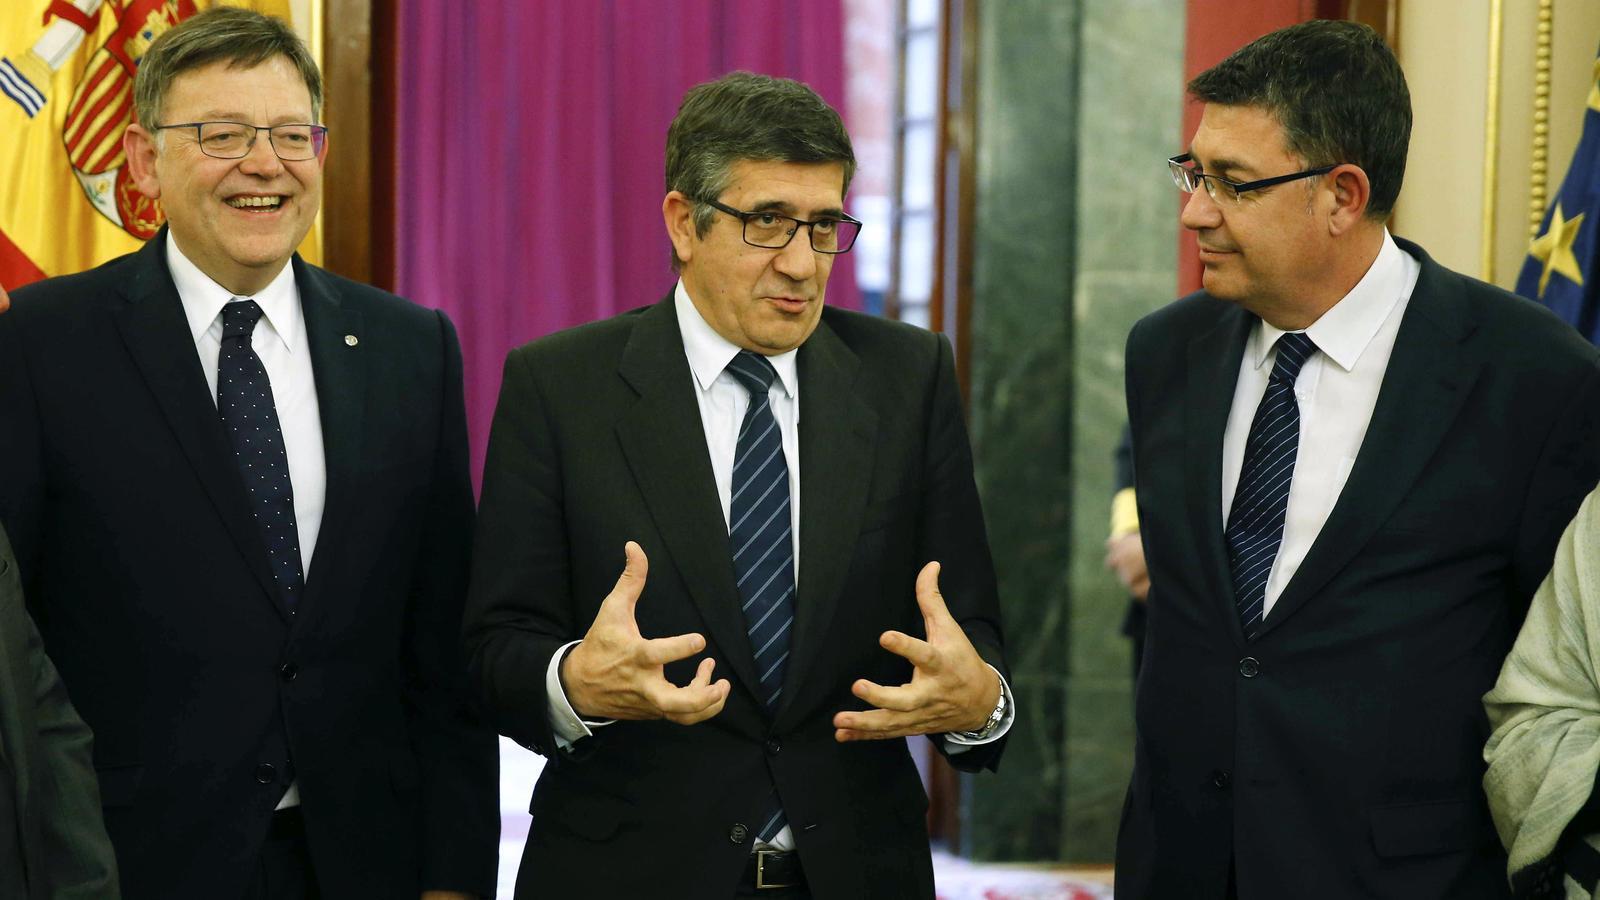 Puig diu que s'assumiran responsabilitats si es confirma el presumpte finançament il·legal del PSPV i el Bloc el 2007